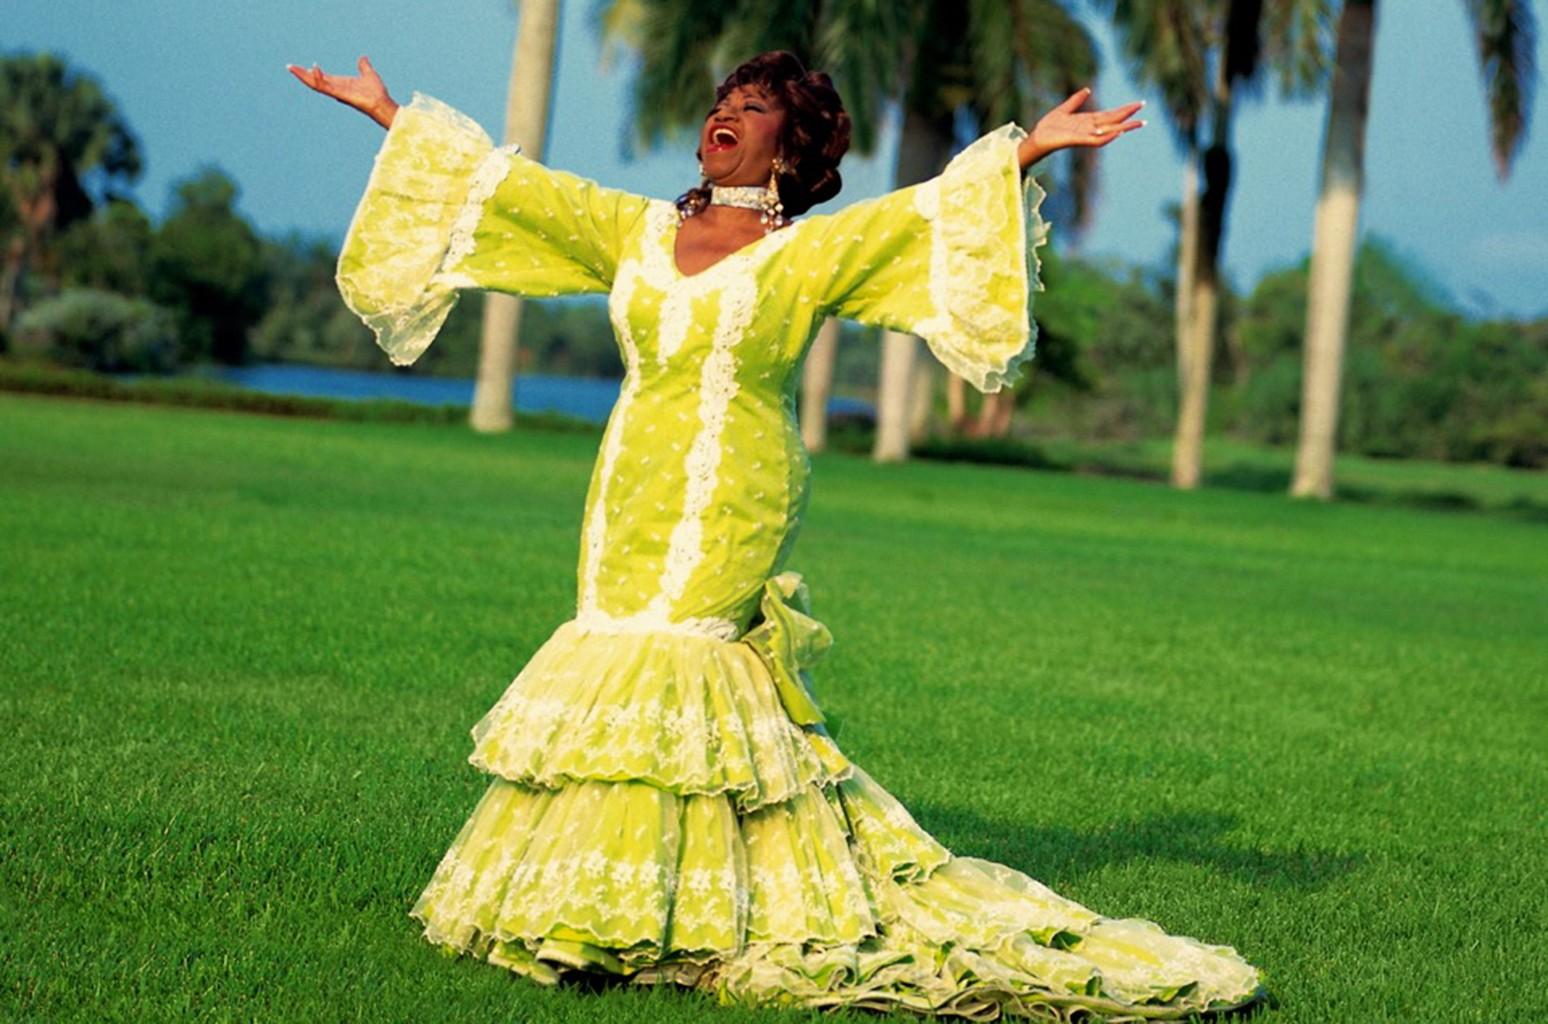 Celia Cruz photo from the Smithsonian National Portrait Gallery.